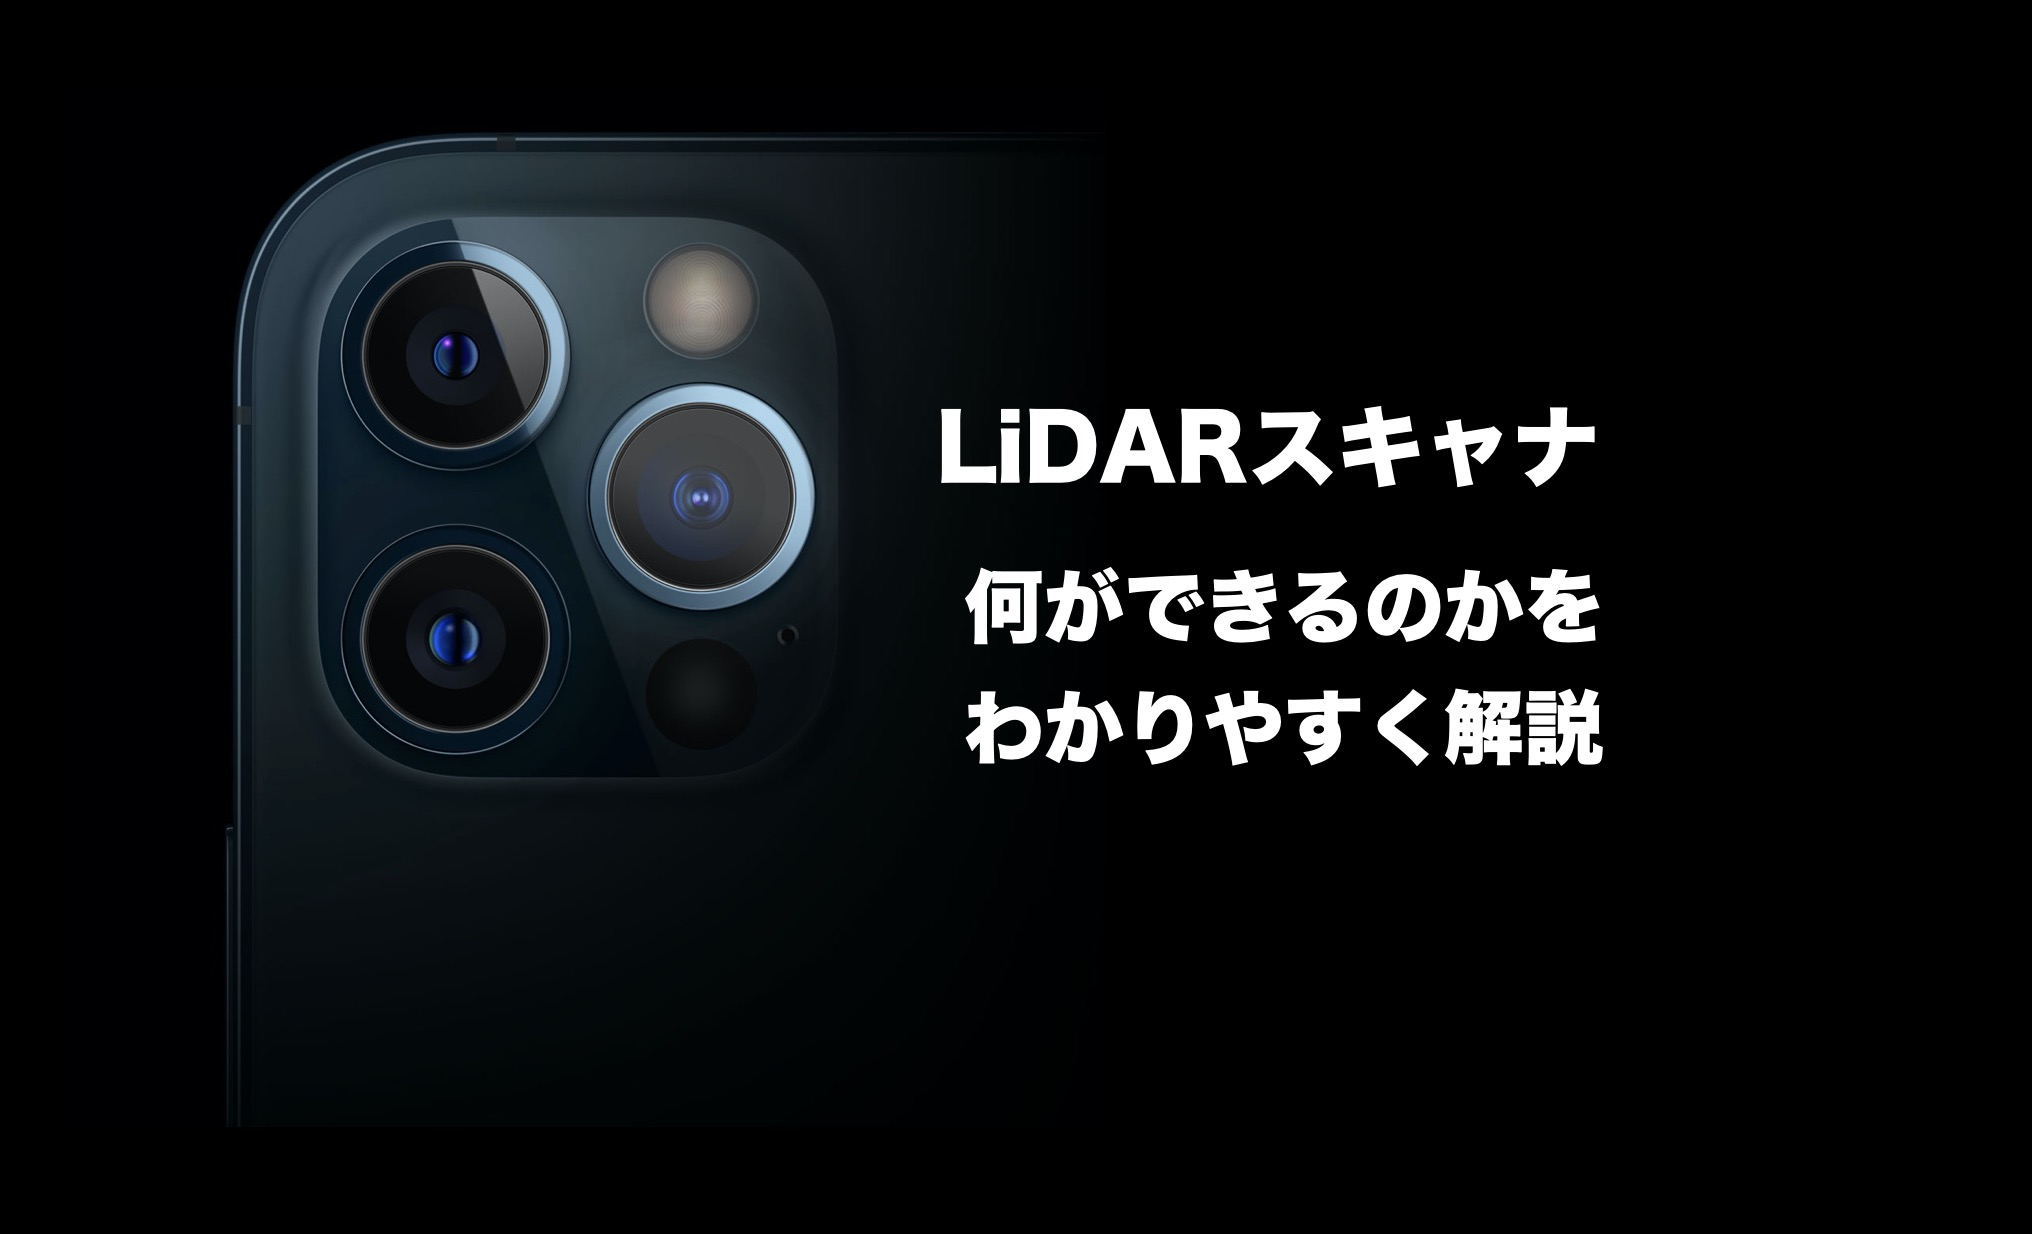 Lidar スキャナー